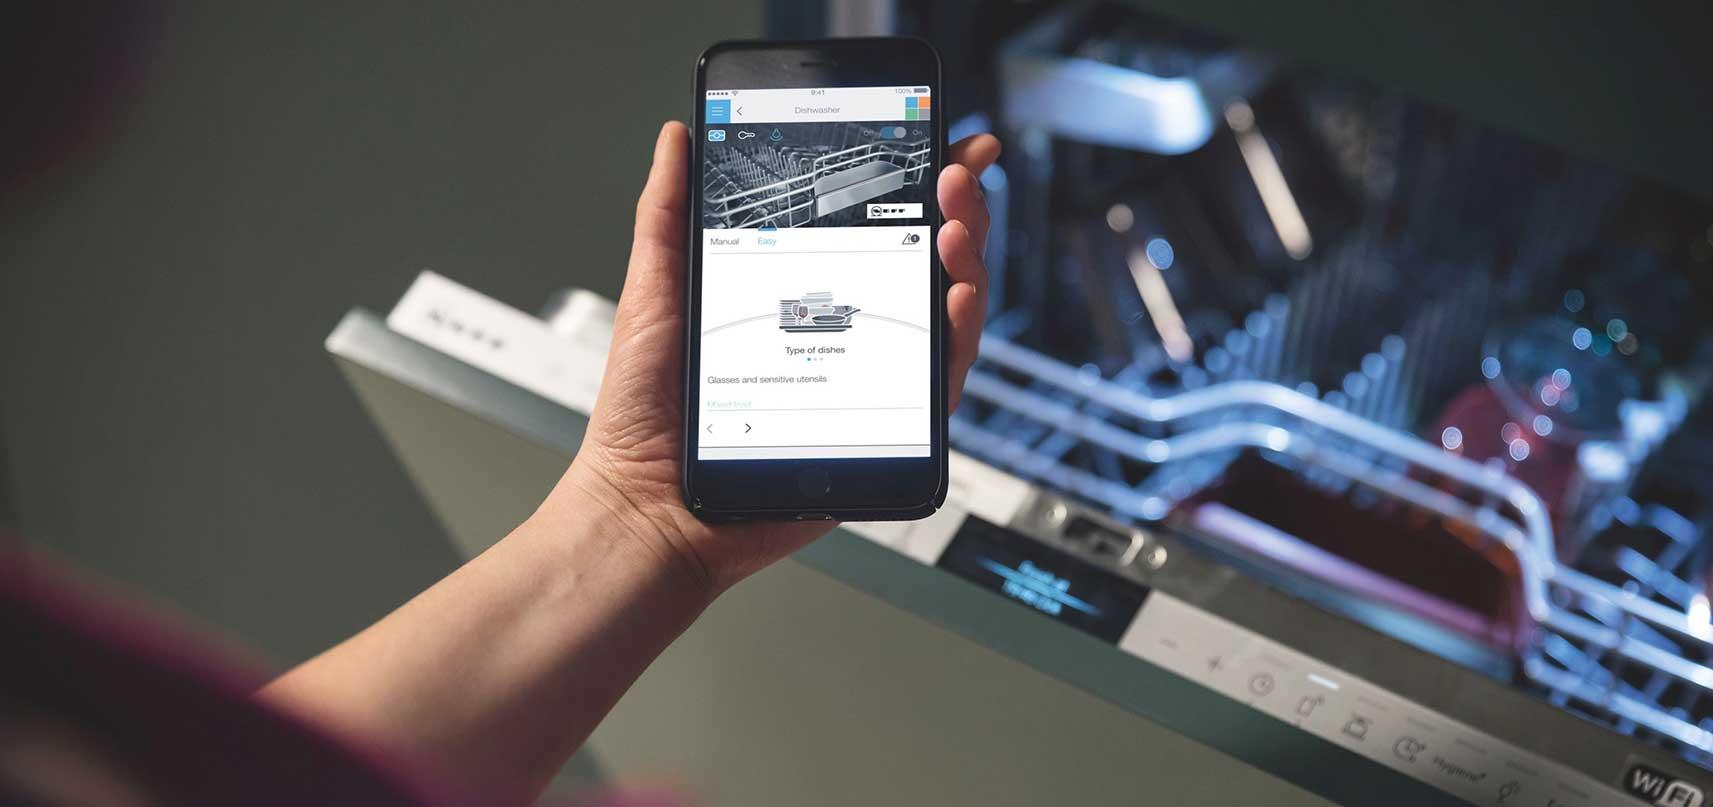 Geschirrspüler per Smartphone steuern mit Home Connect